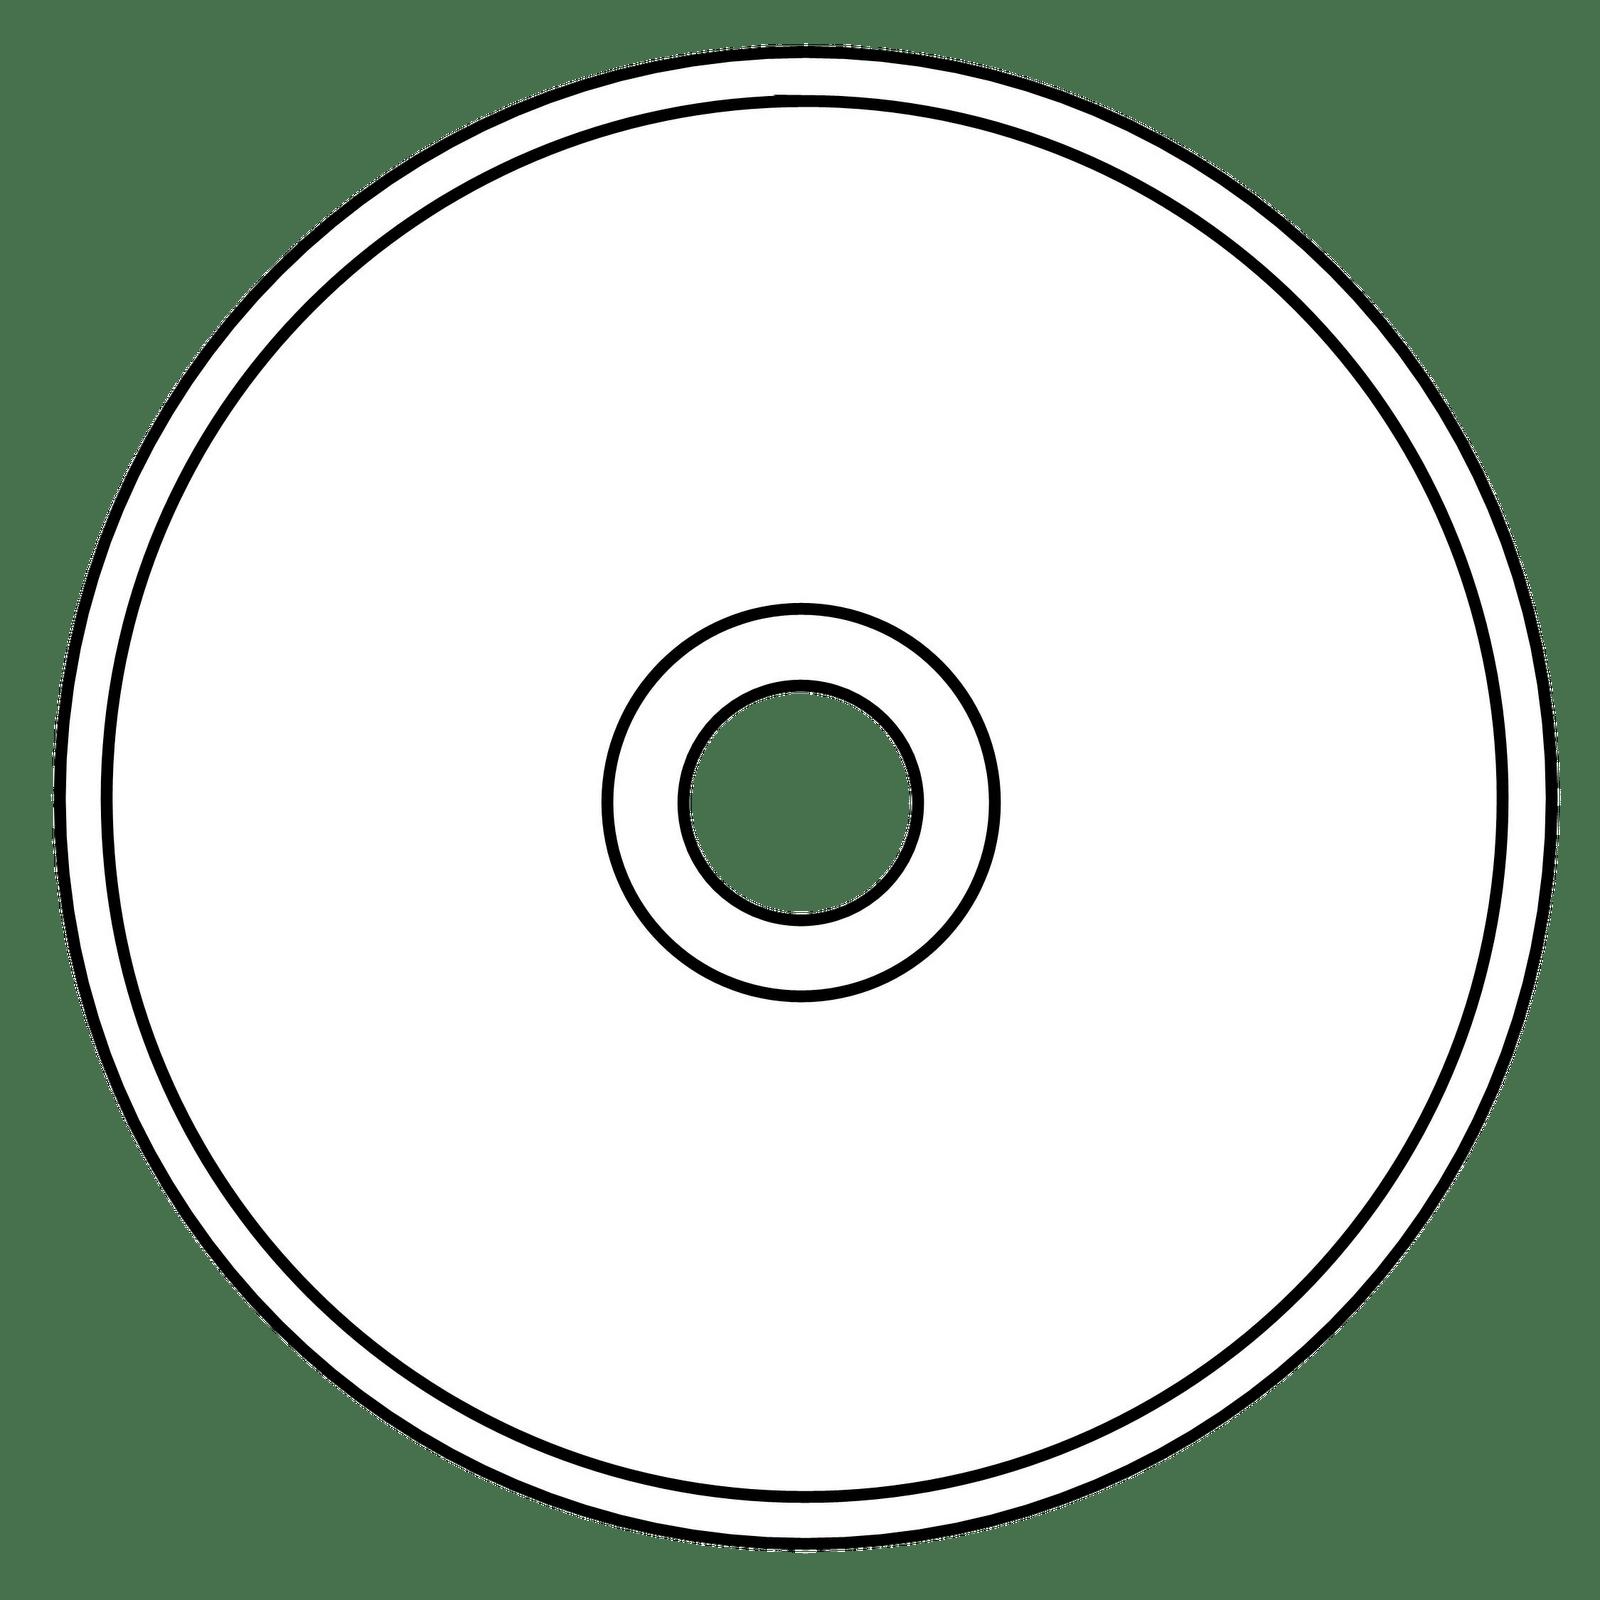 Criss Cross Applesauce Clipart